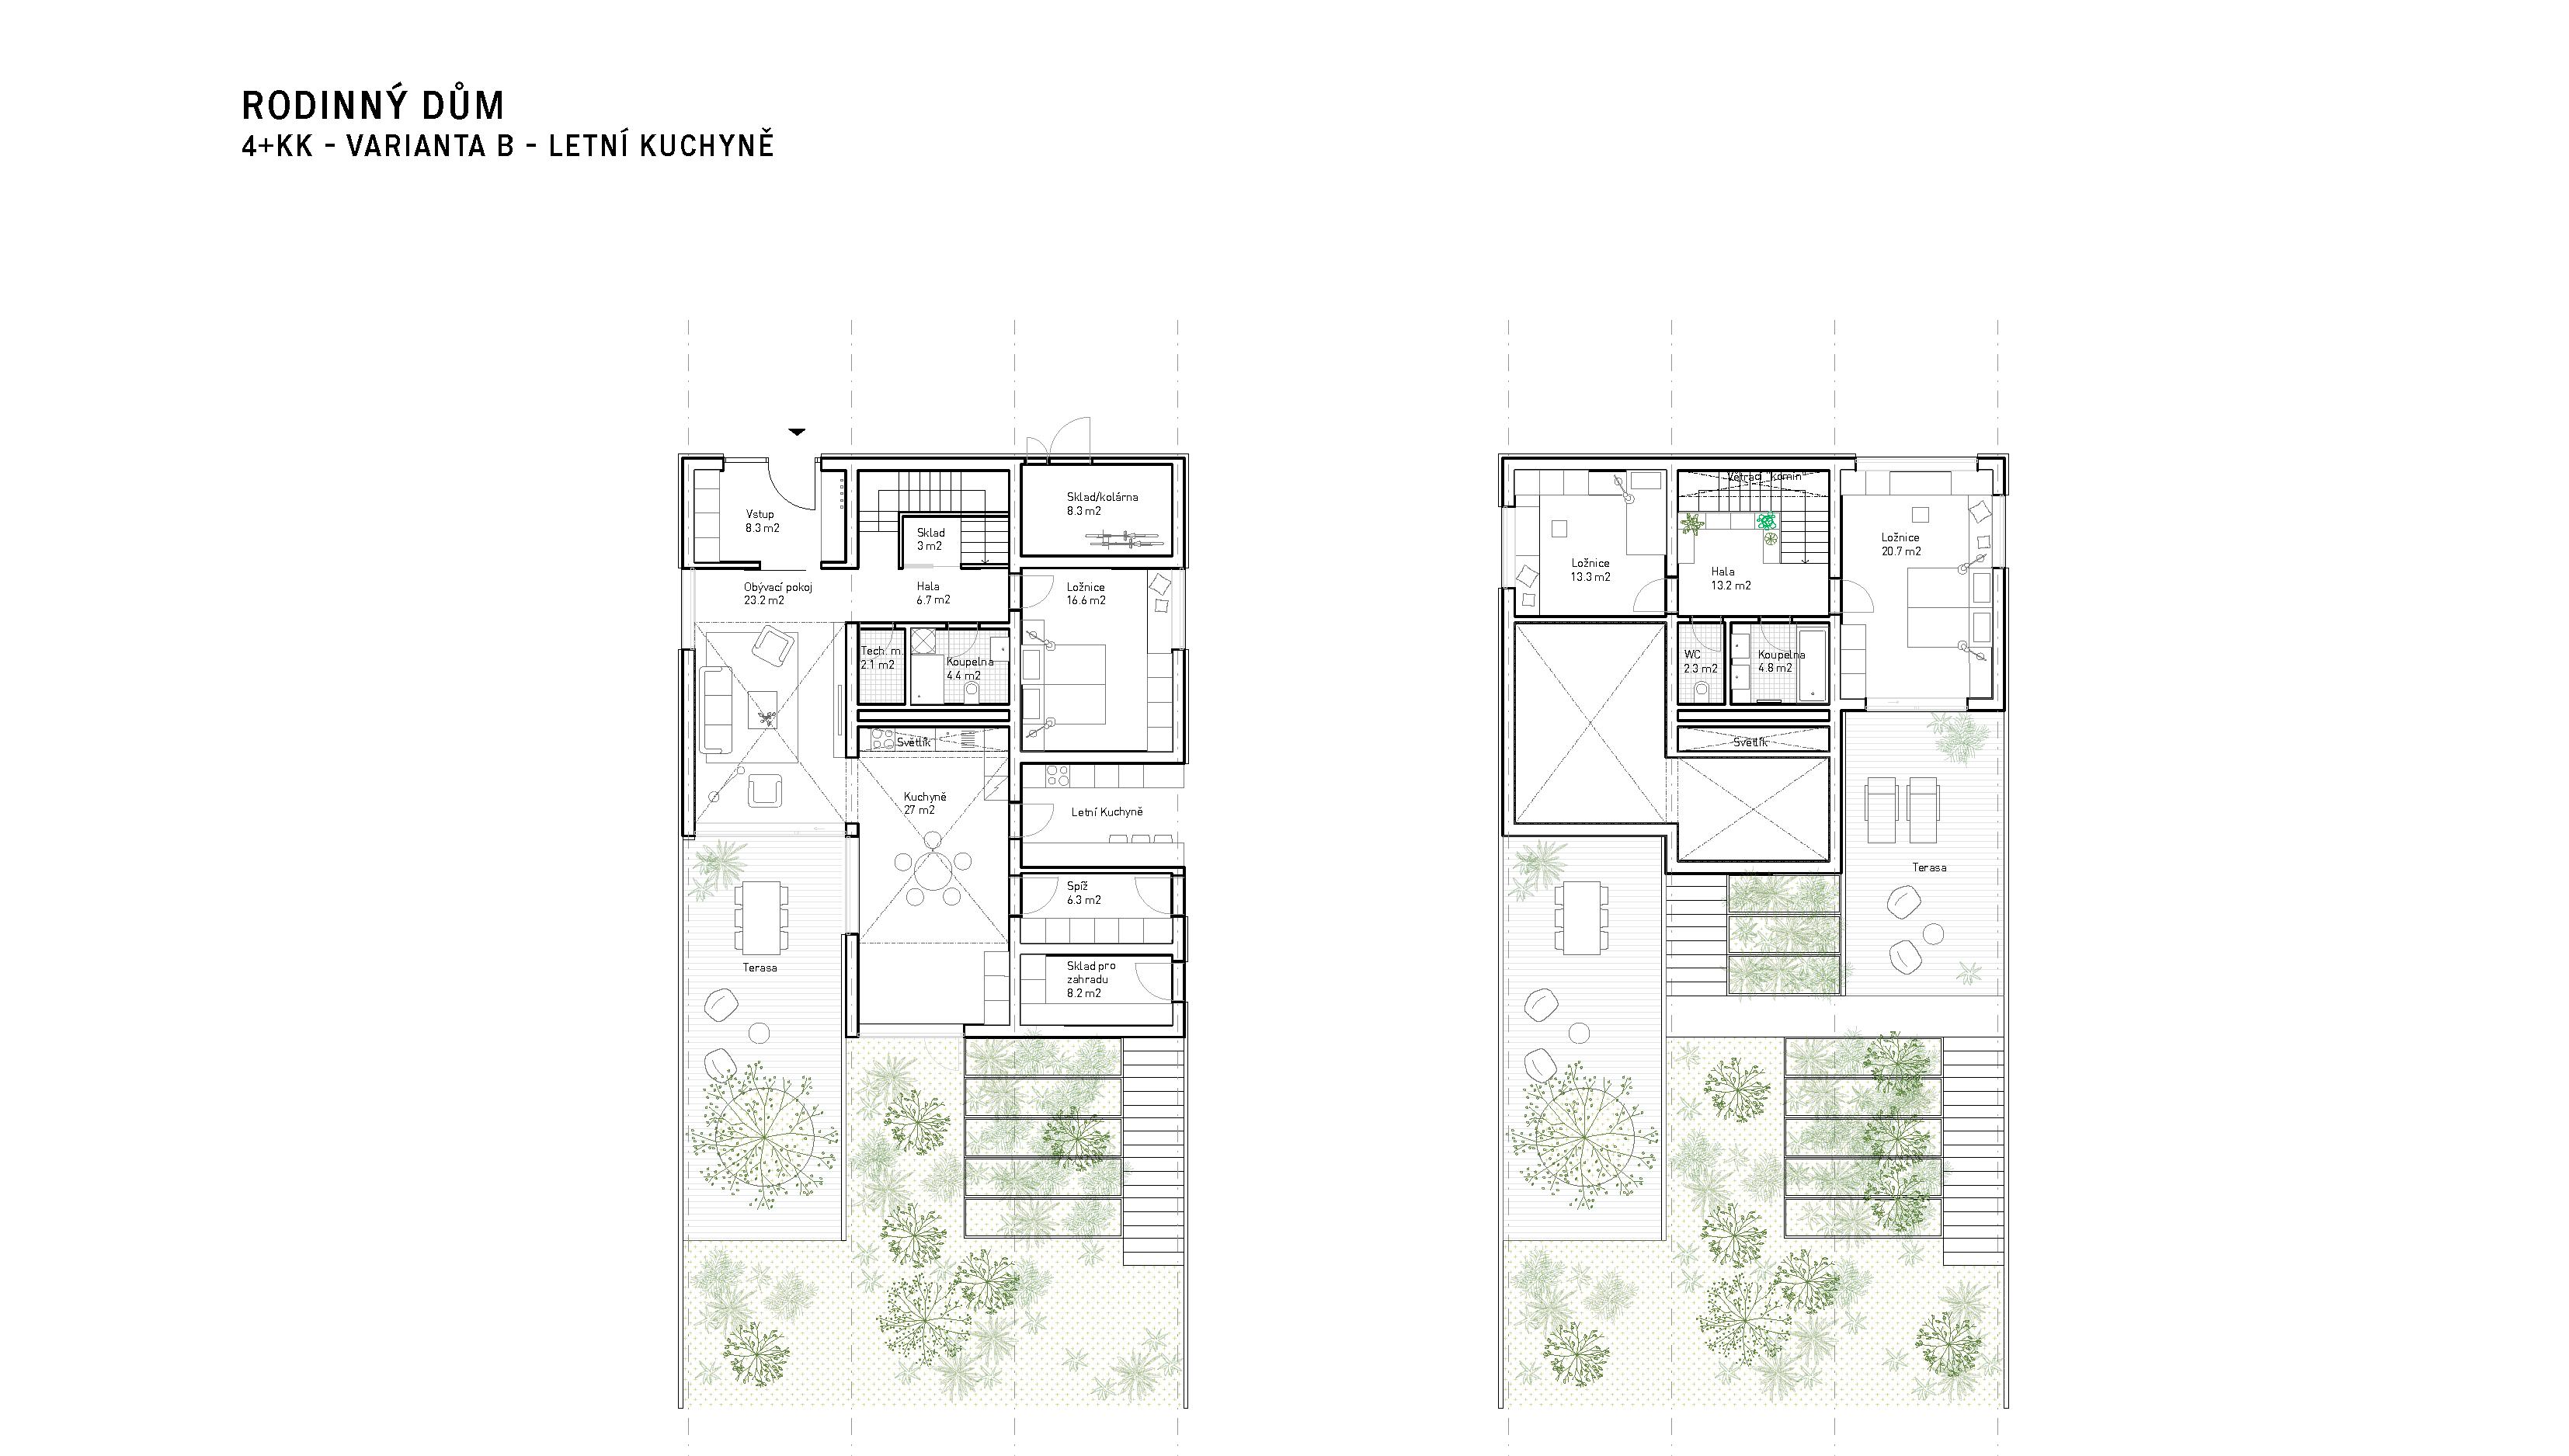 layout_case_0002_200605_Zdrave-domy_chkau_Page_56